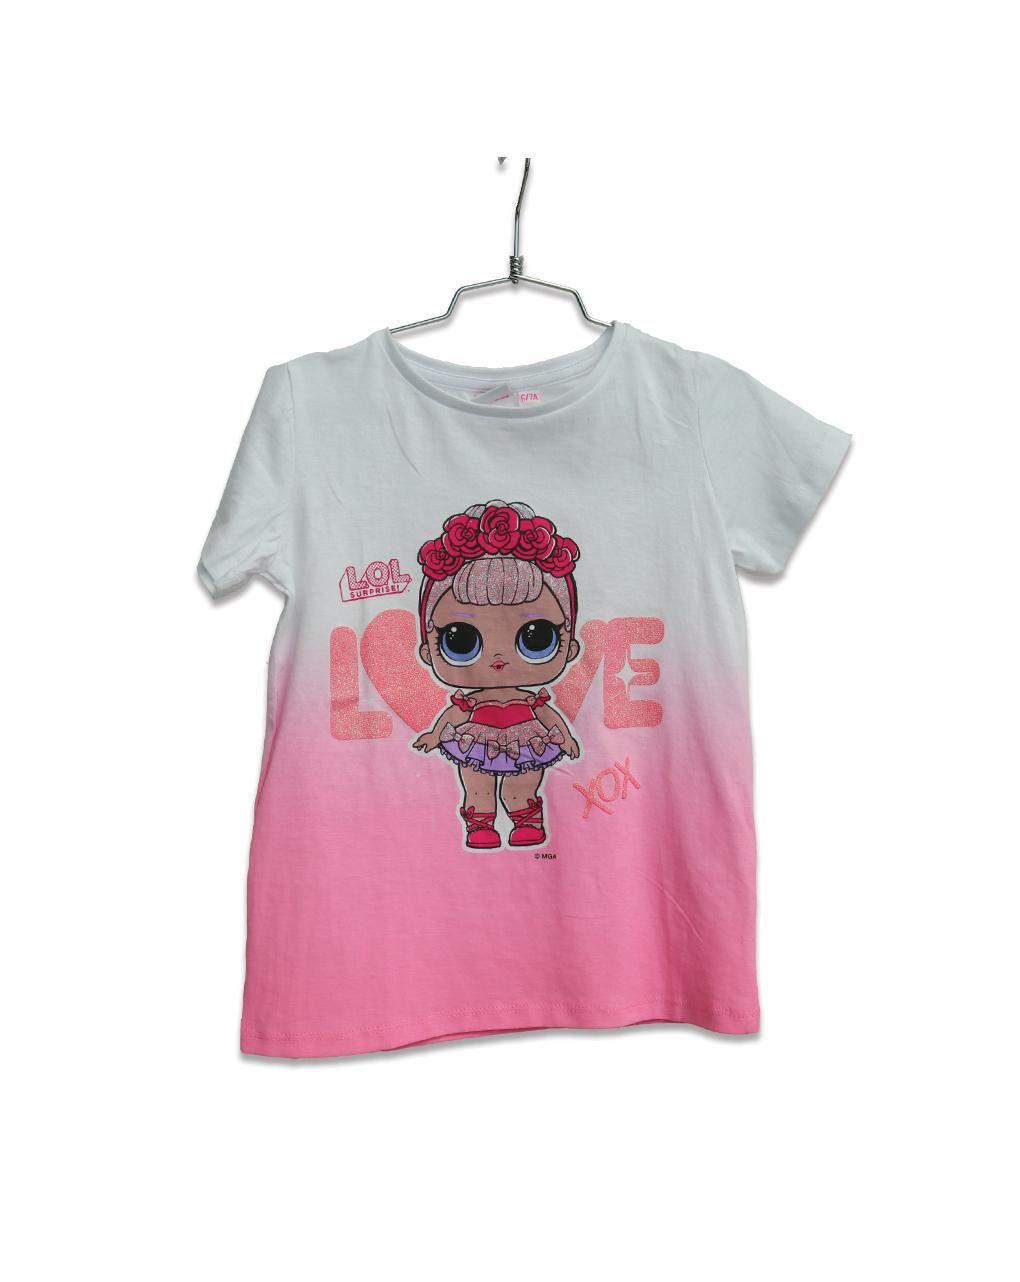 T-shirt Κοντομάνικο Lol για Κορίτσι